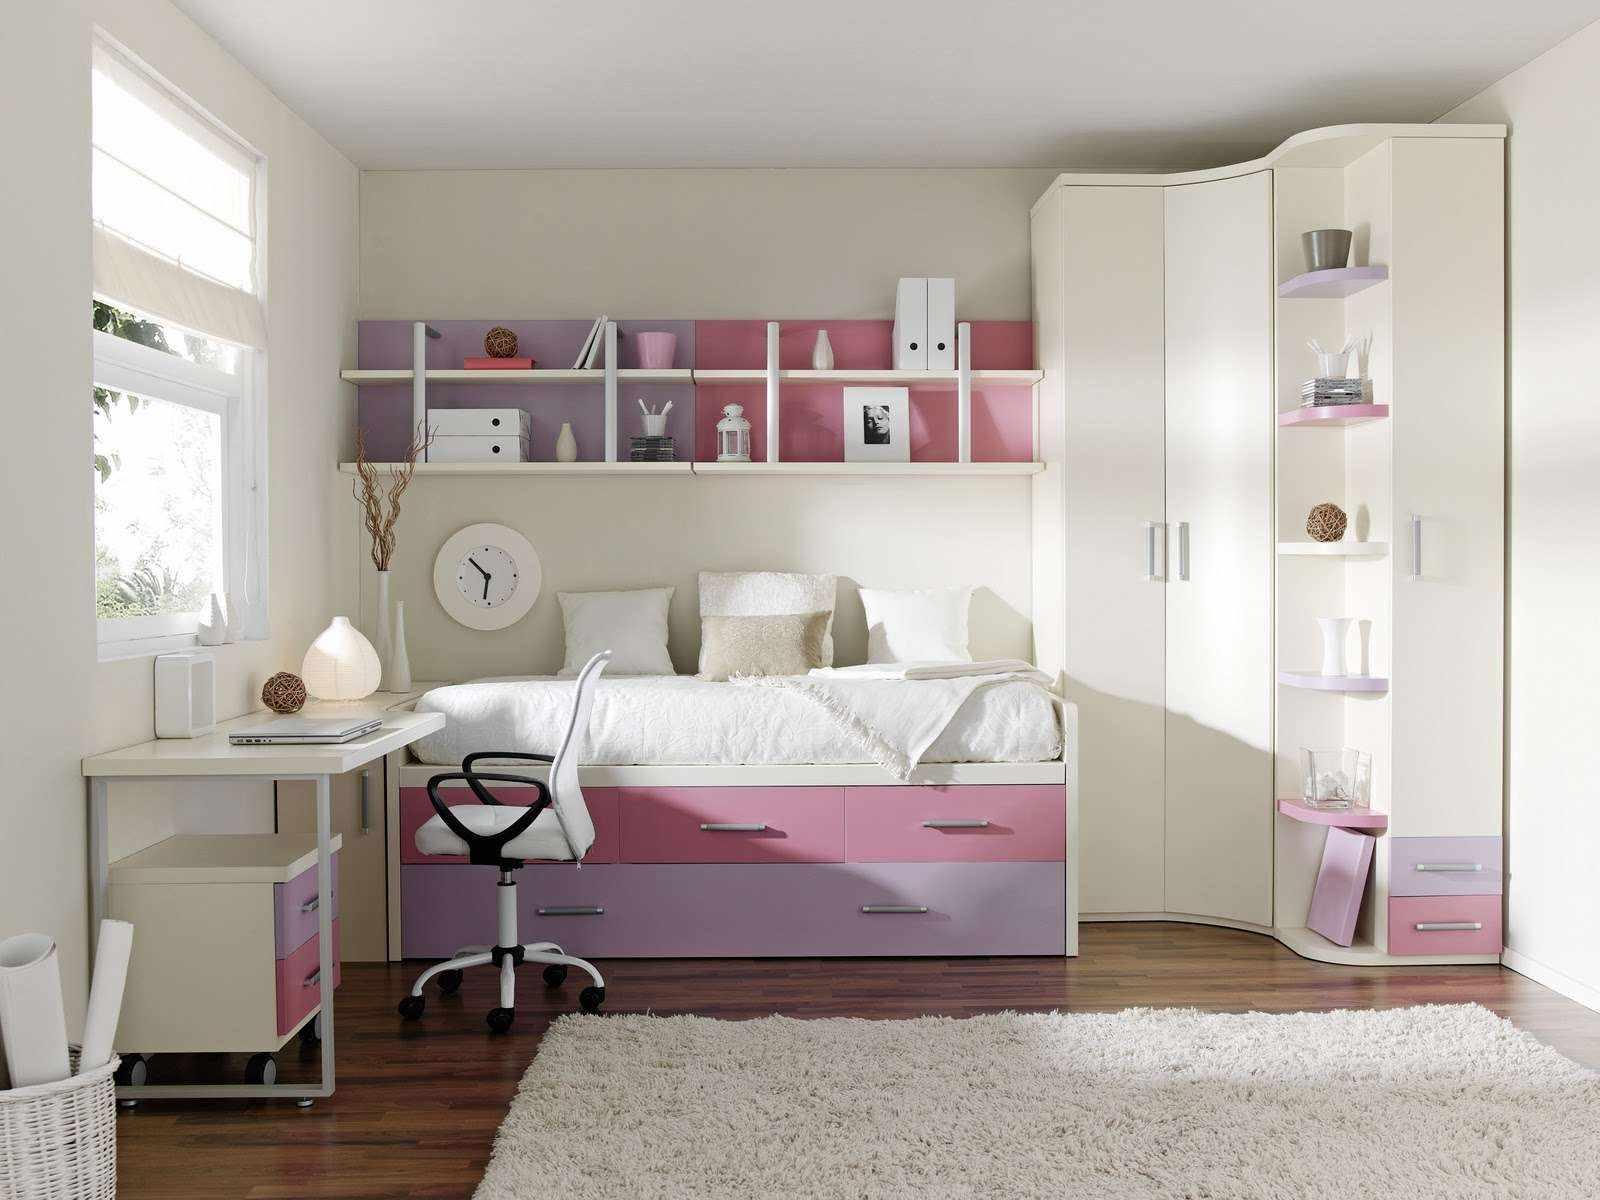 пример светлого декора спальной комнаты для девочки